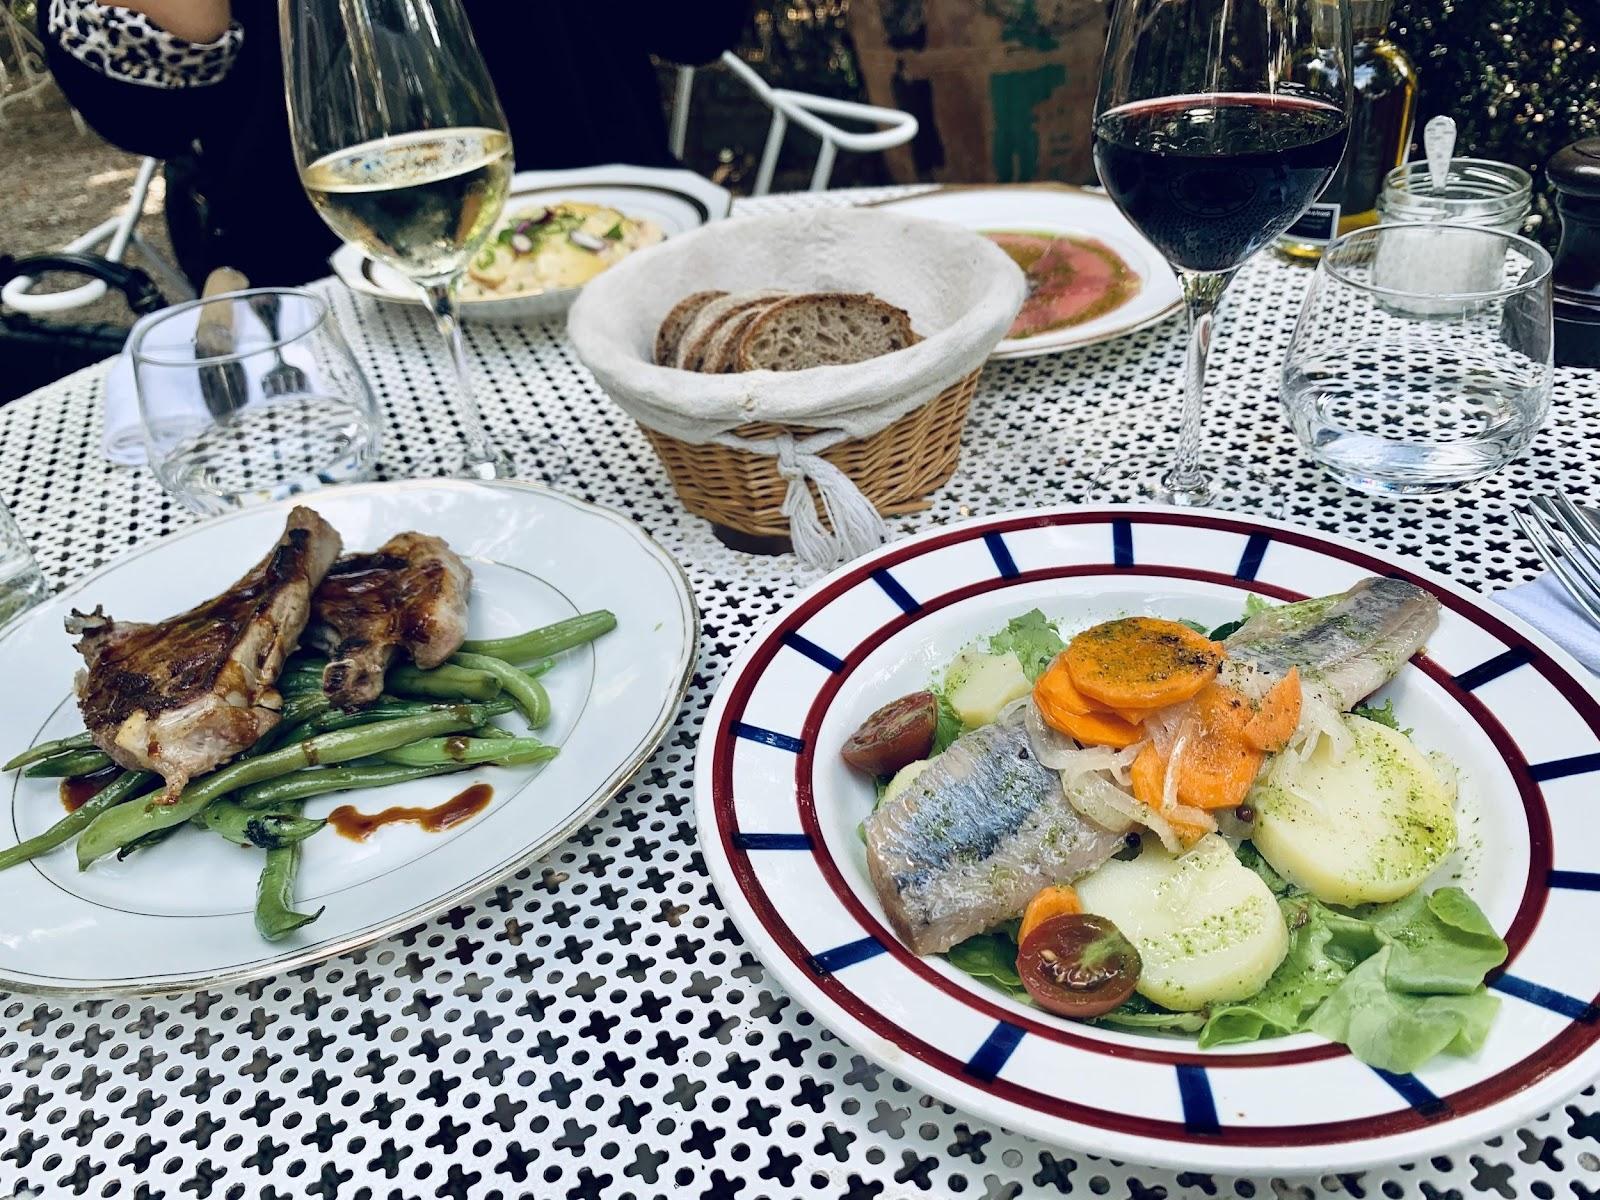 Une image contenant table, assiette, alimentation, assis  Description générée automatiquement